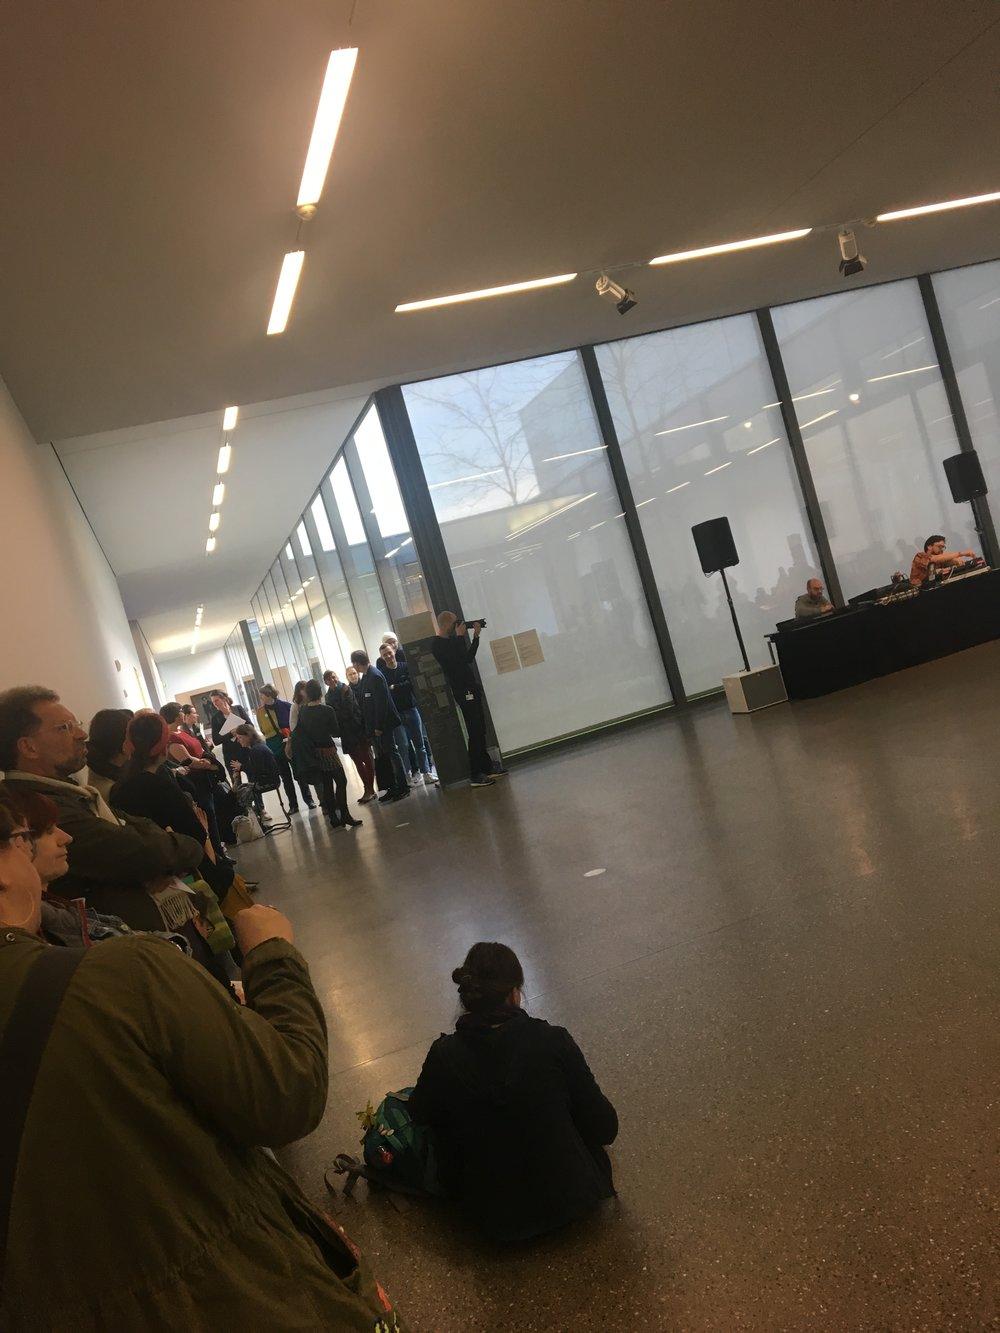 Musikalische Performance Julius Buckelt und Achim Zepezauer - Phase Stifter. 6 1/2 Wochen. Ausstellung Julius Bockelt. Museum Folkwang